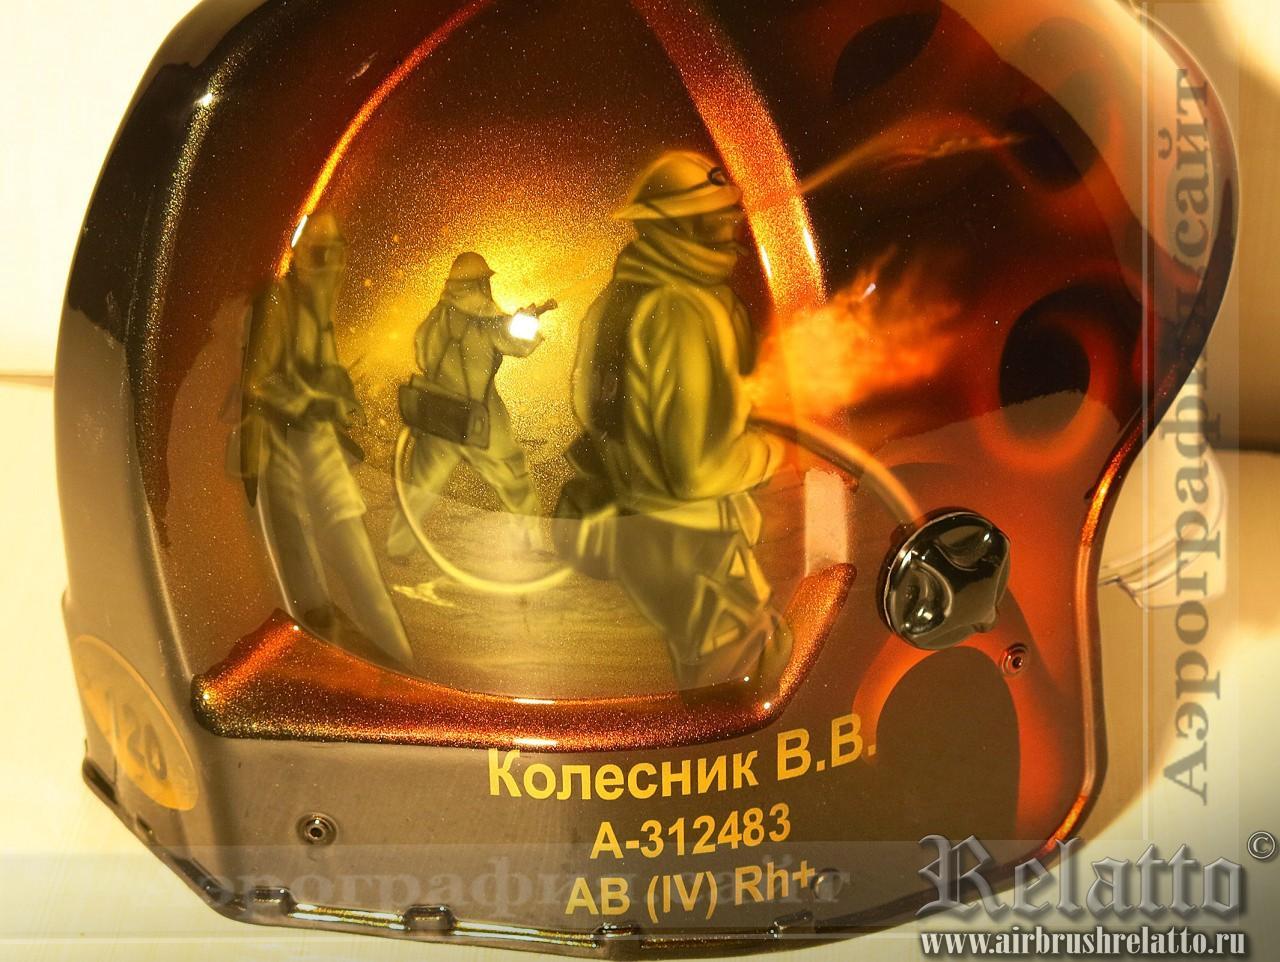 пожарный шлем с аэрографией в подарок